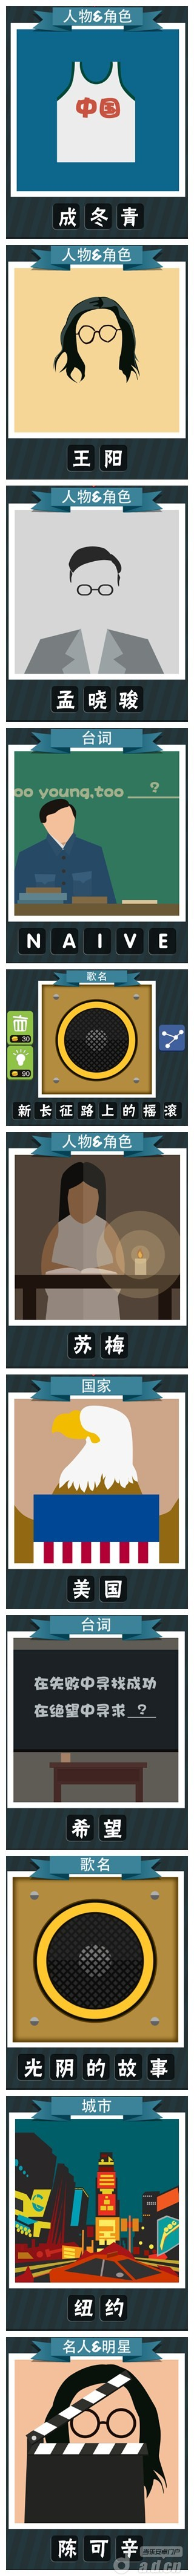 《疯狂猜图》中国合伙人副本全部答案攻略